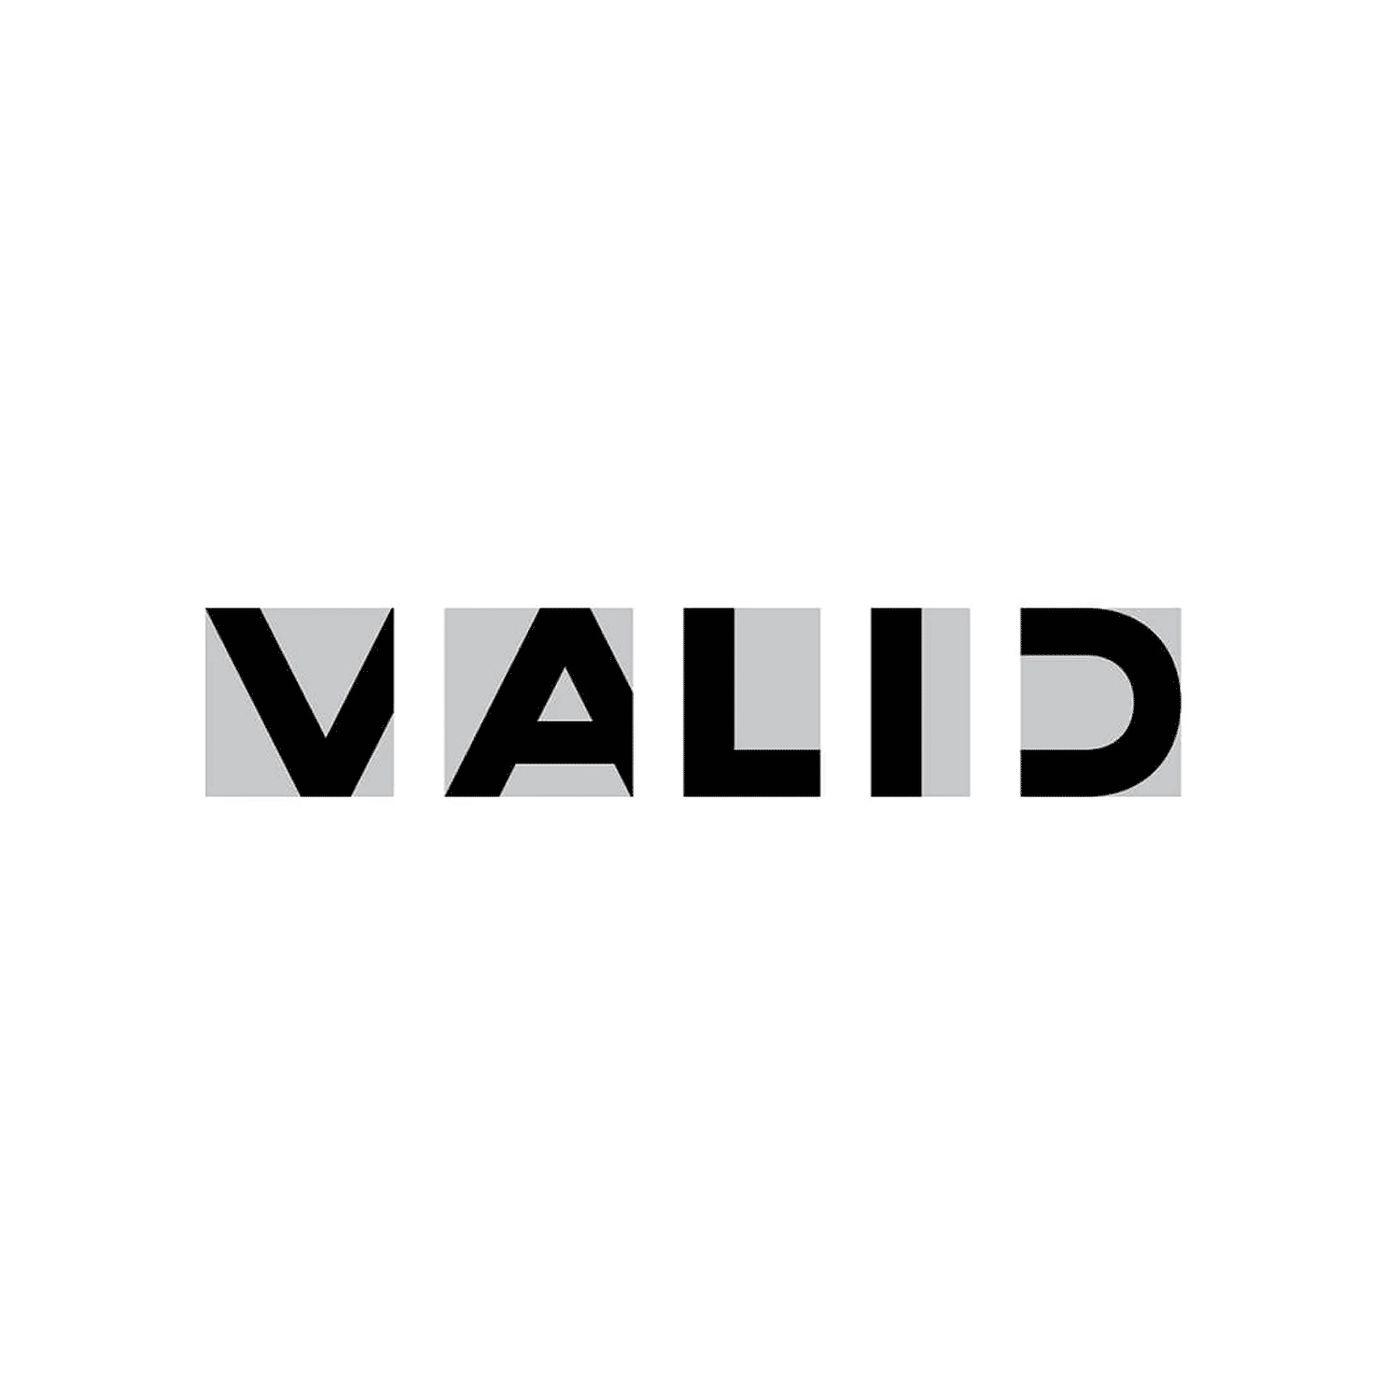 Teleconferência do Resultado Valid (VLID3) 4 trimestre 2019 - 4t19